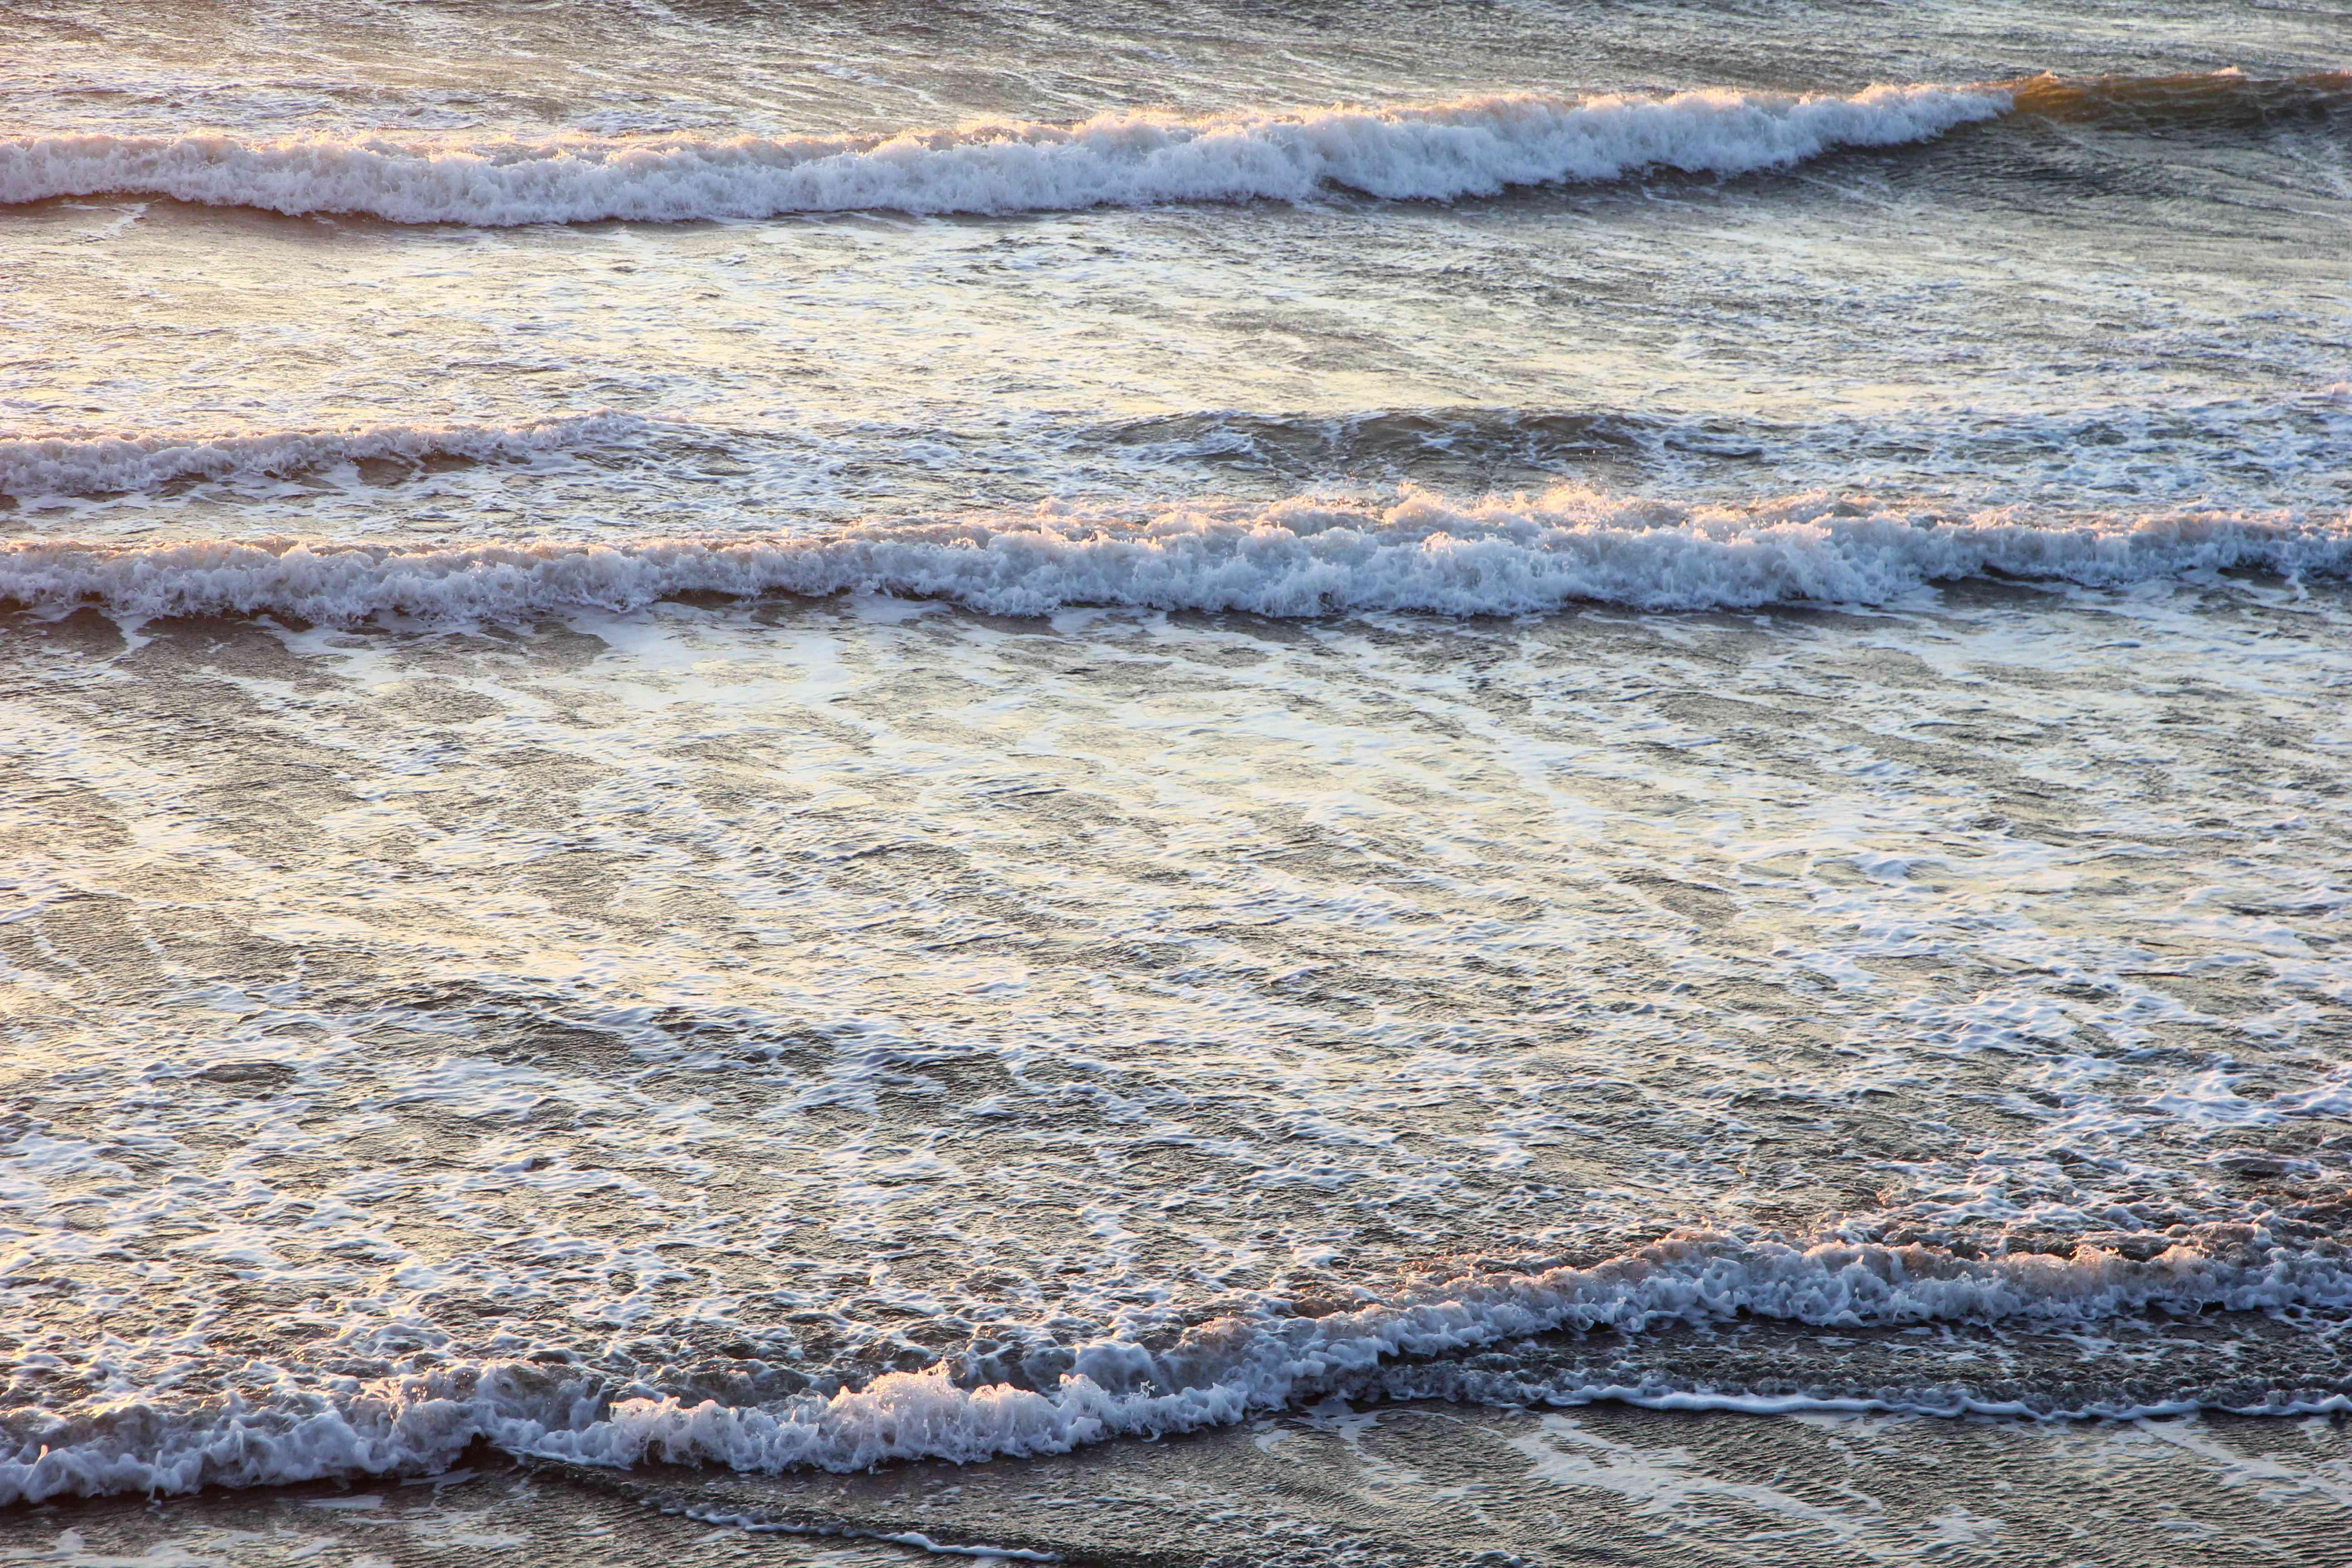 foamy waves roll upon ocean shore